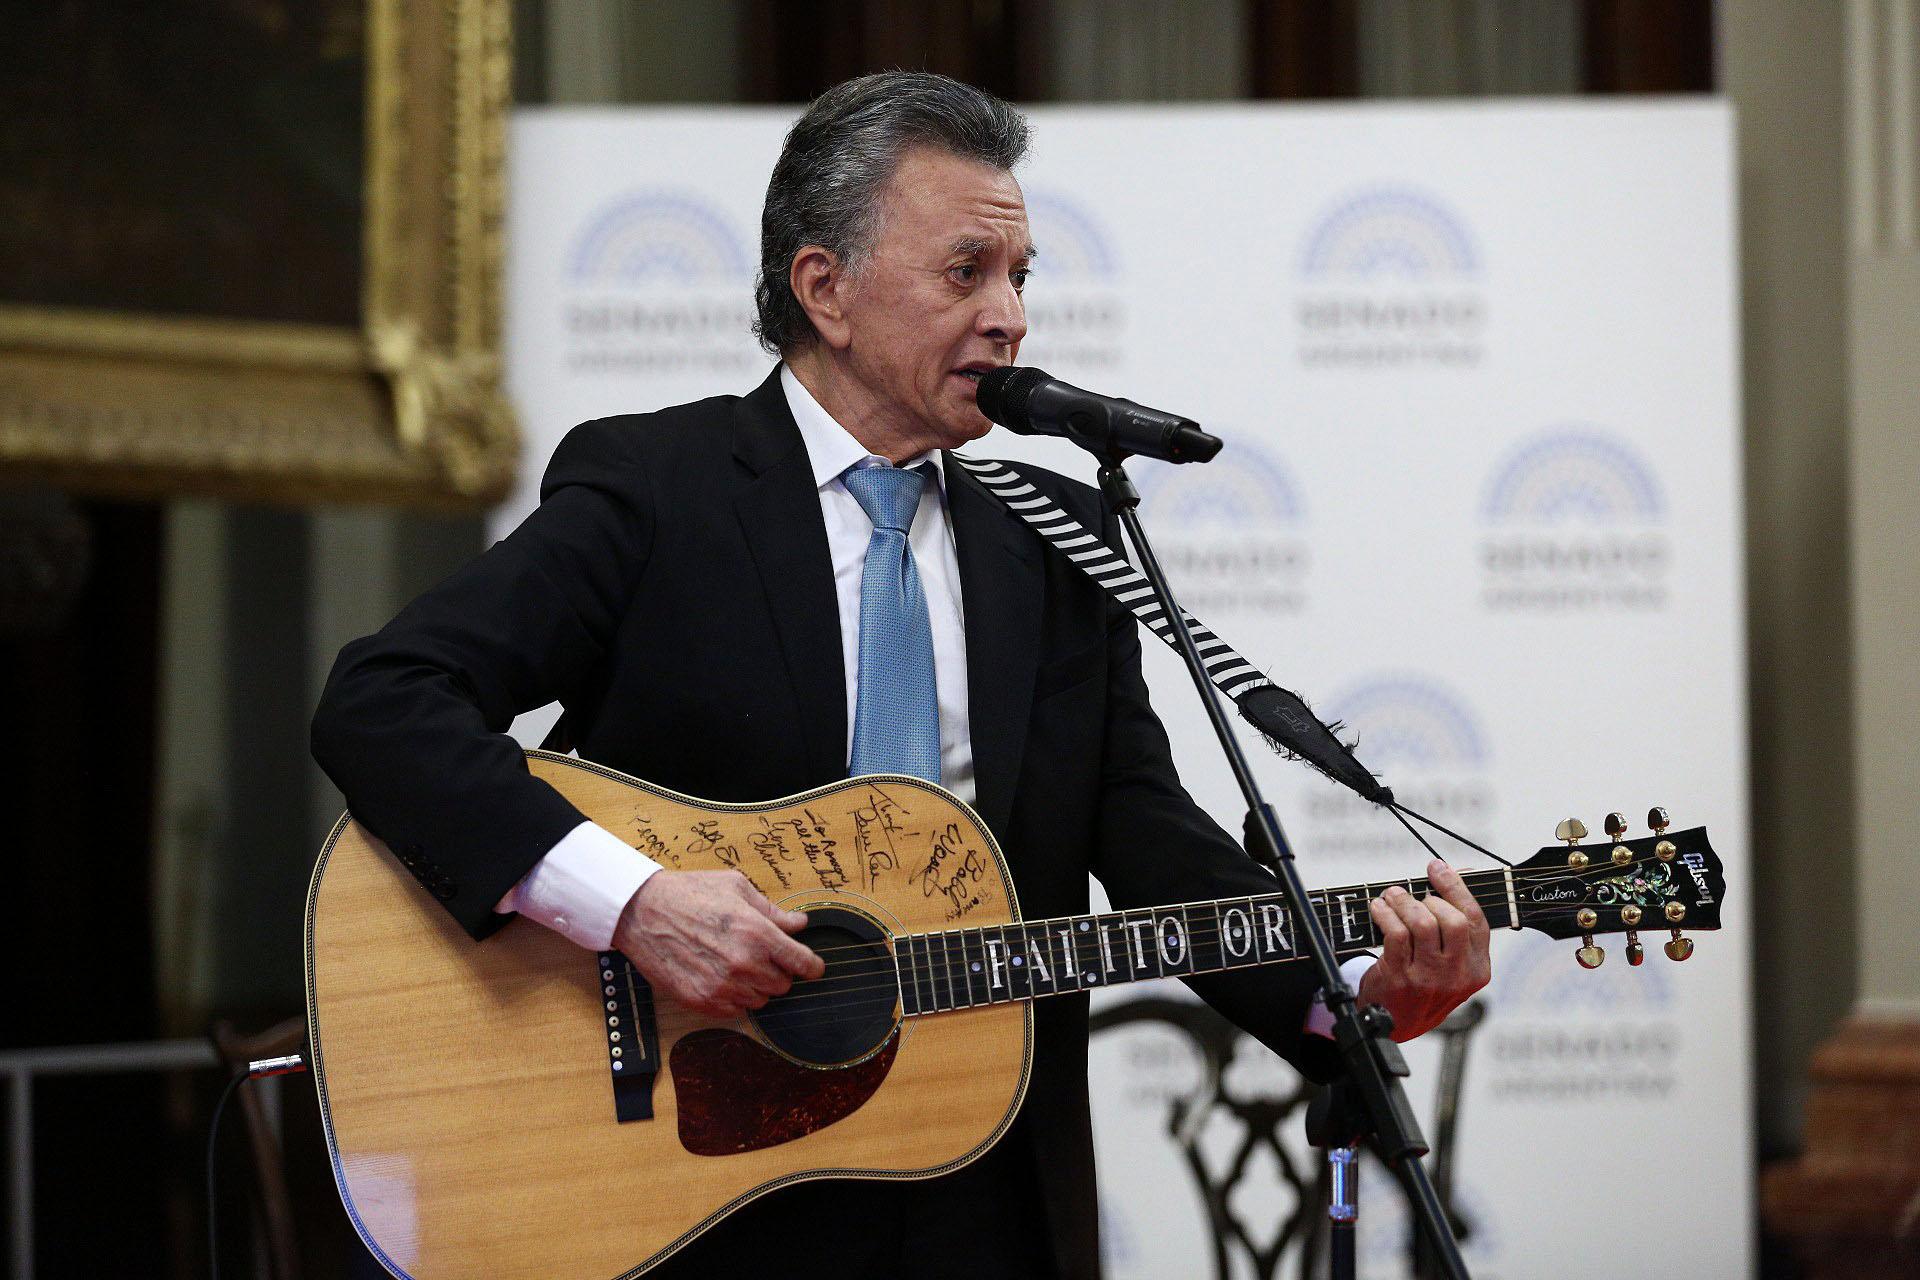 Como no podía ser de otra manera, el homenajeado entonó algunas de sus canciones